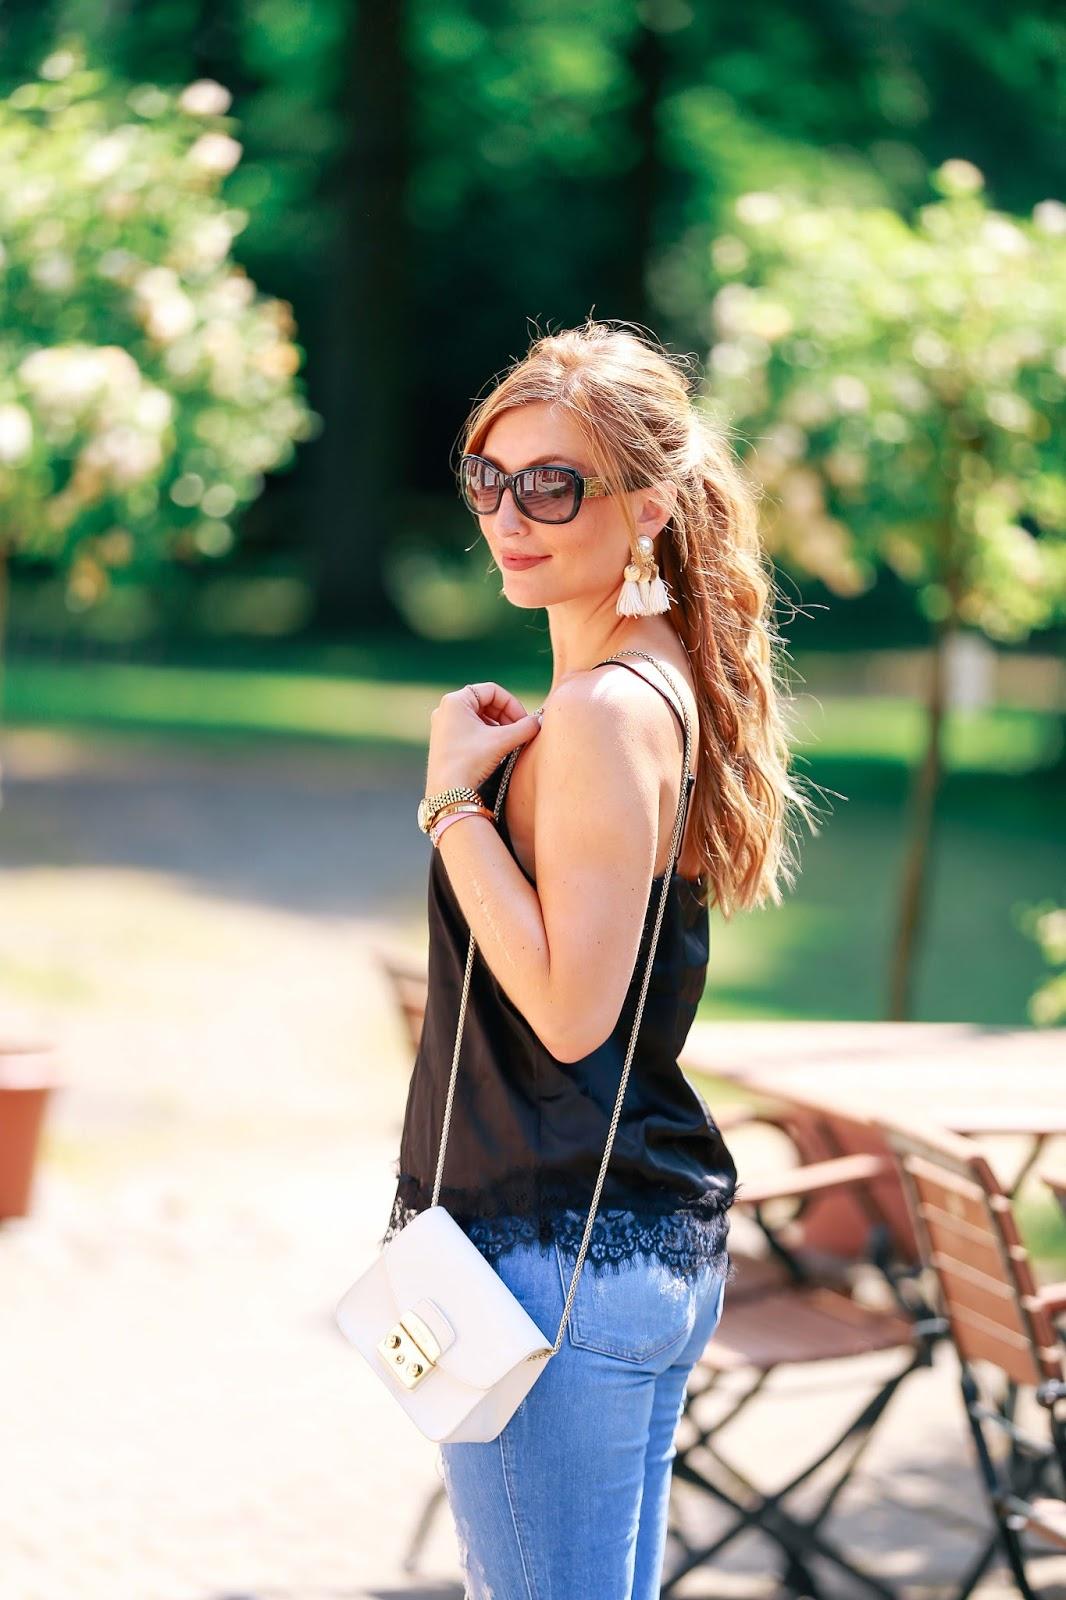 Fashionblogger aus deutschland